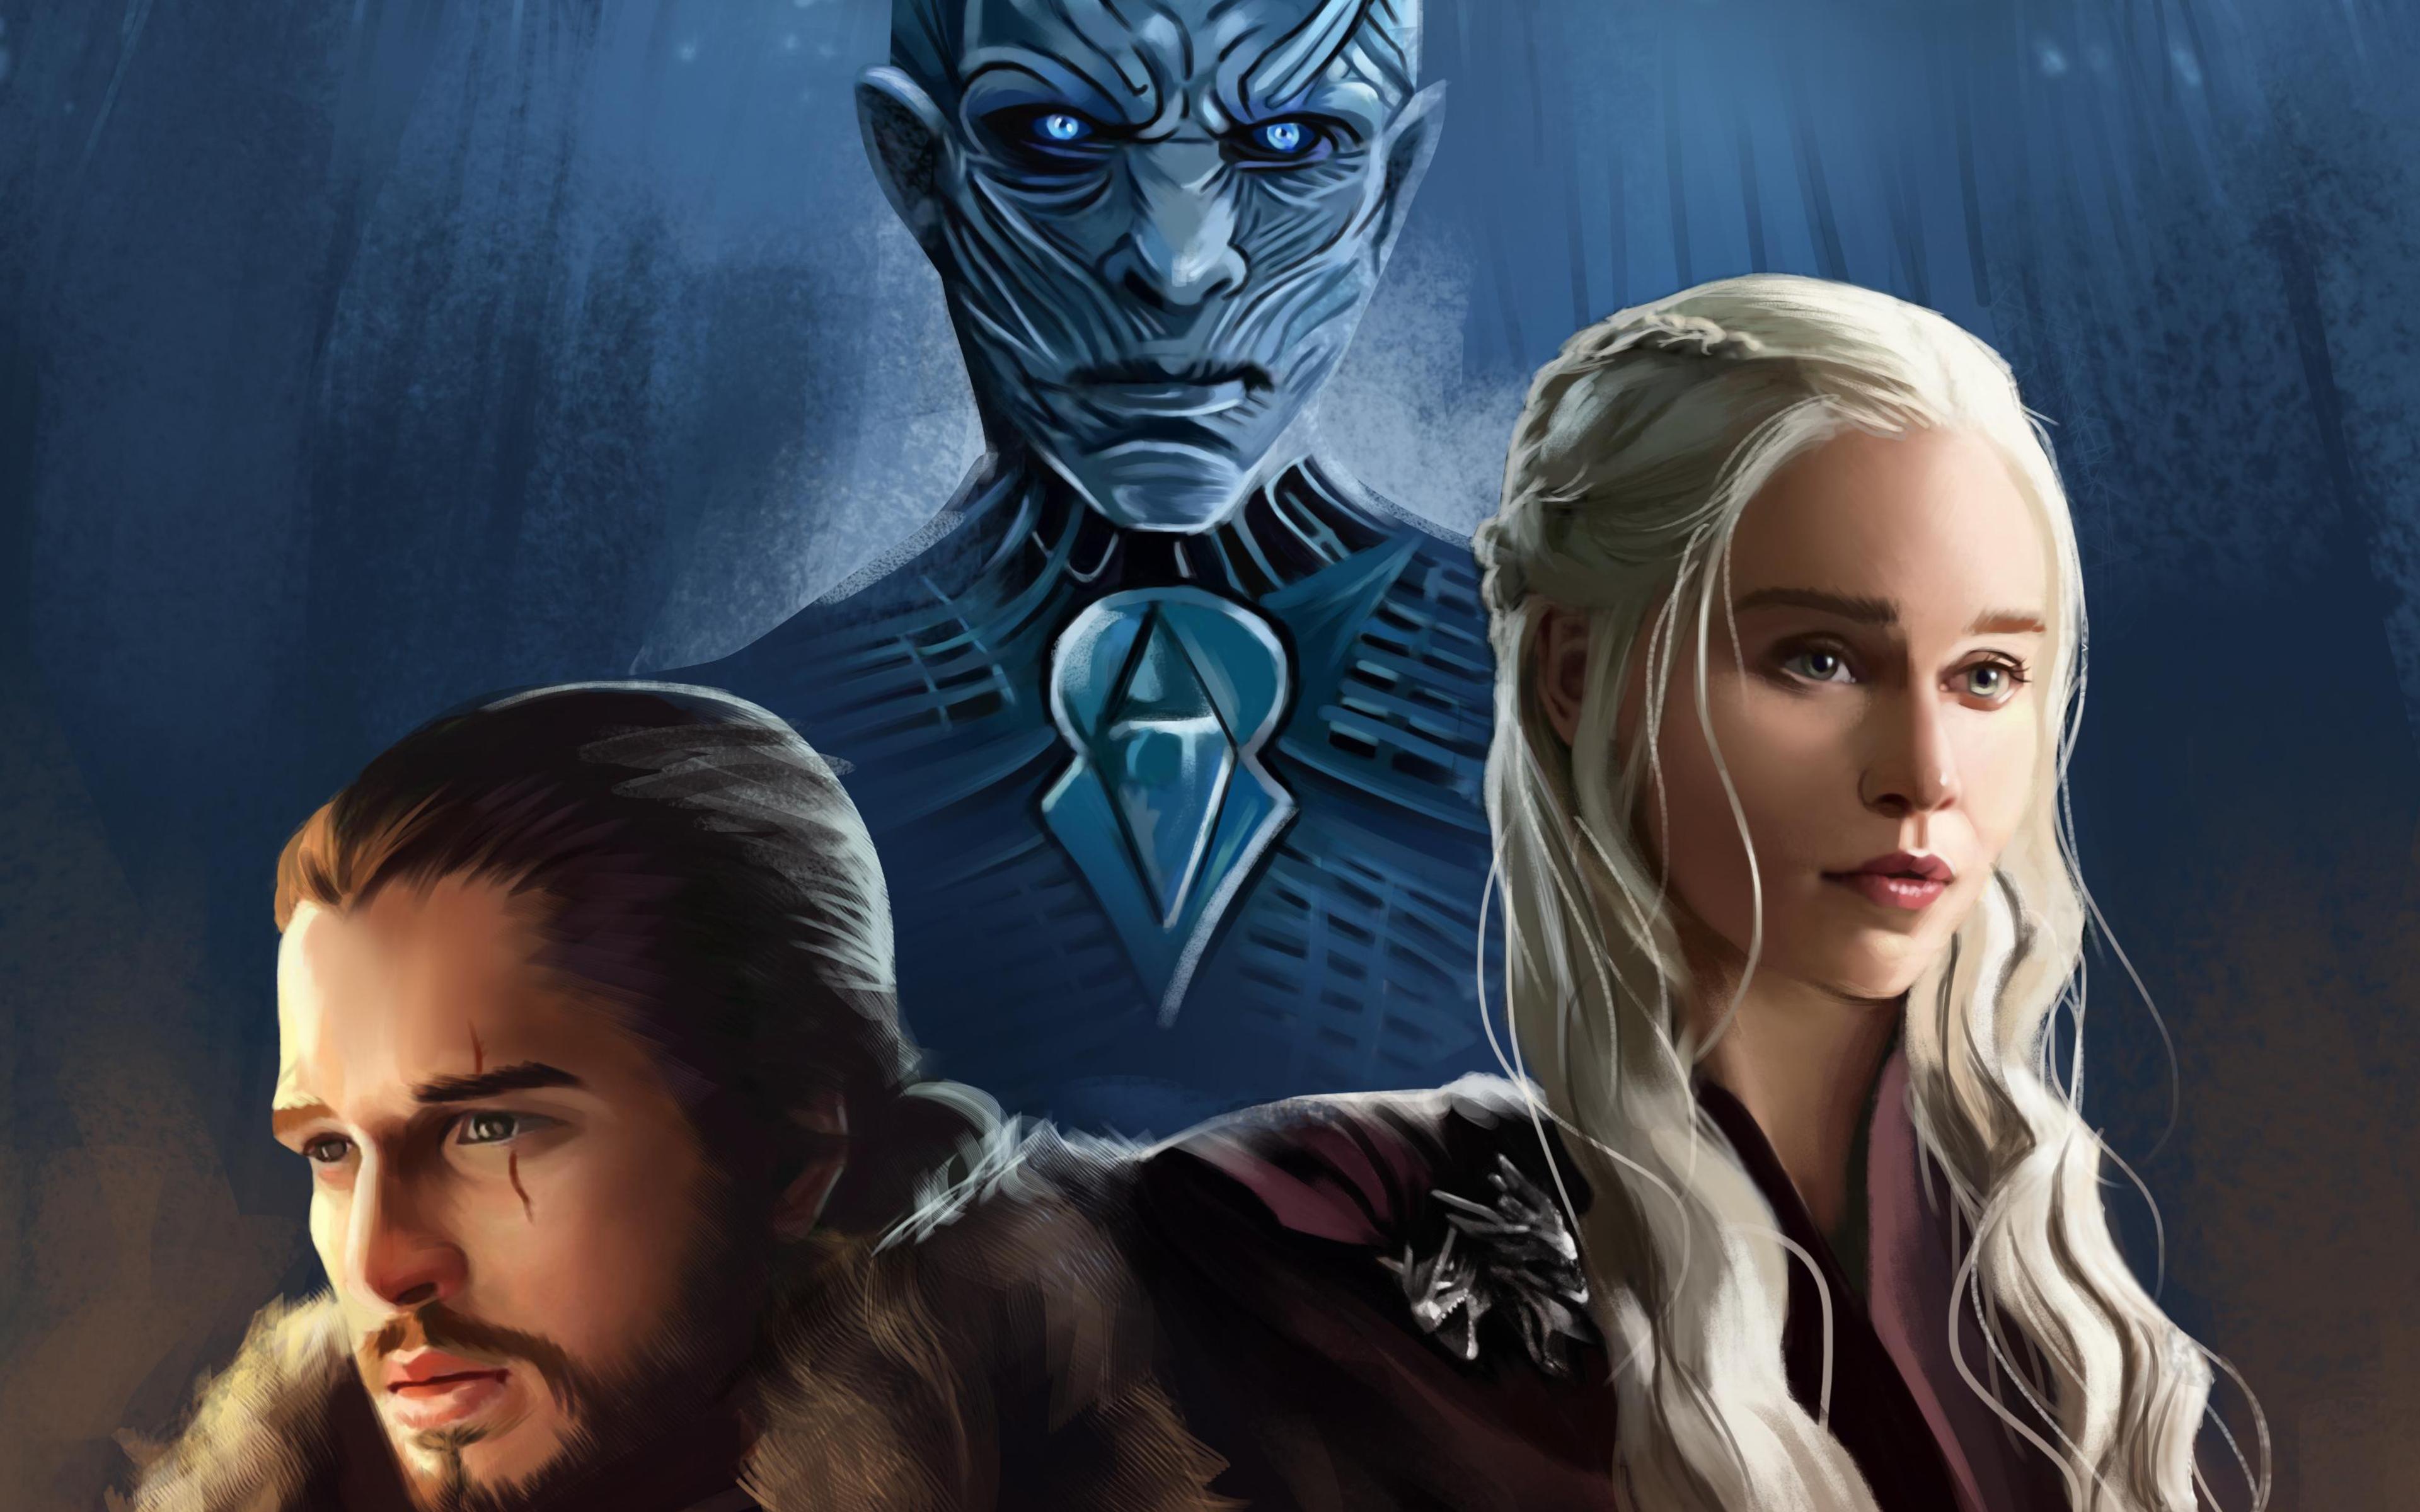 3840x2400 Game Of Thrones Fanart 4k 4k Hd 4k Wallpapers Images